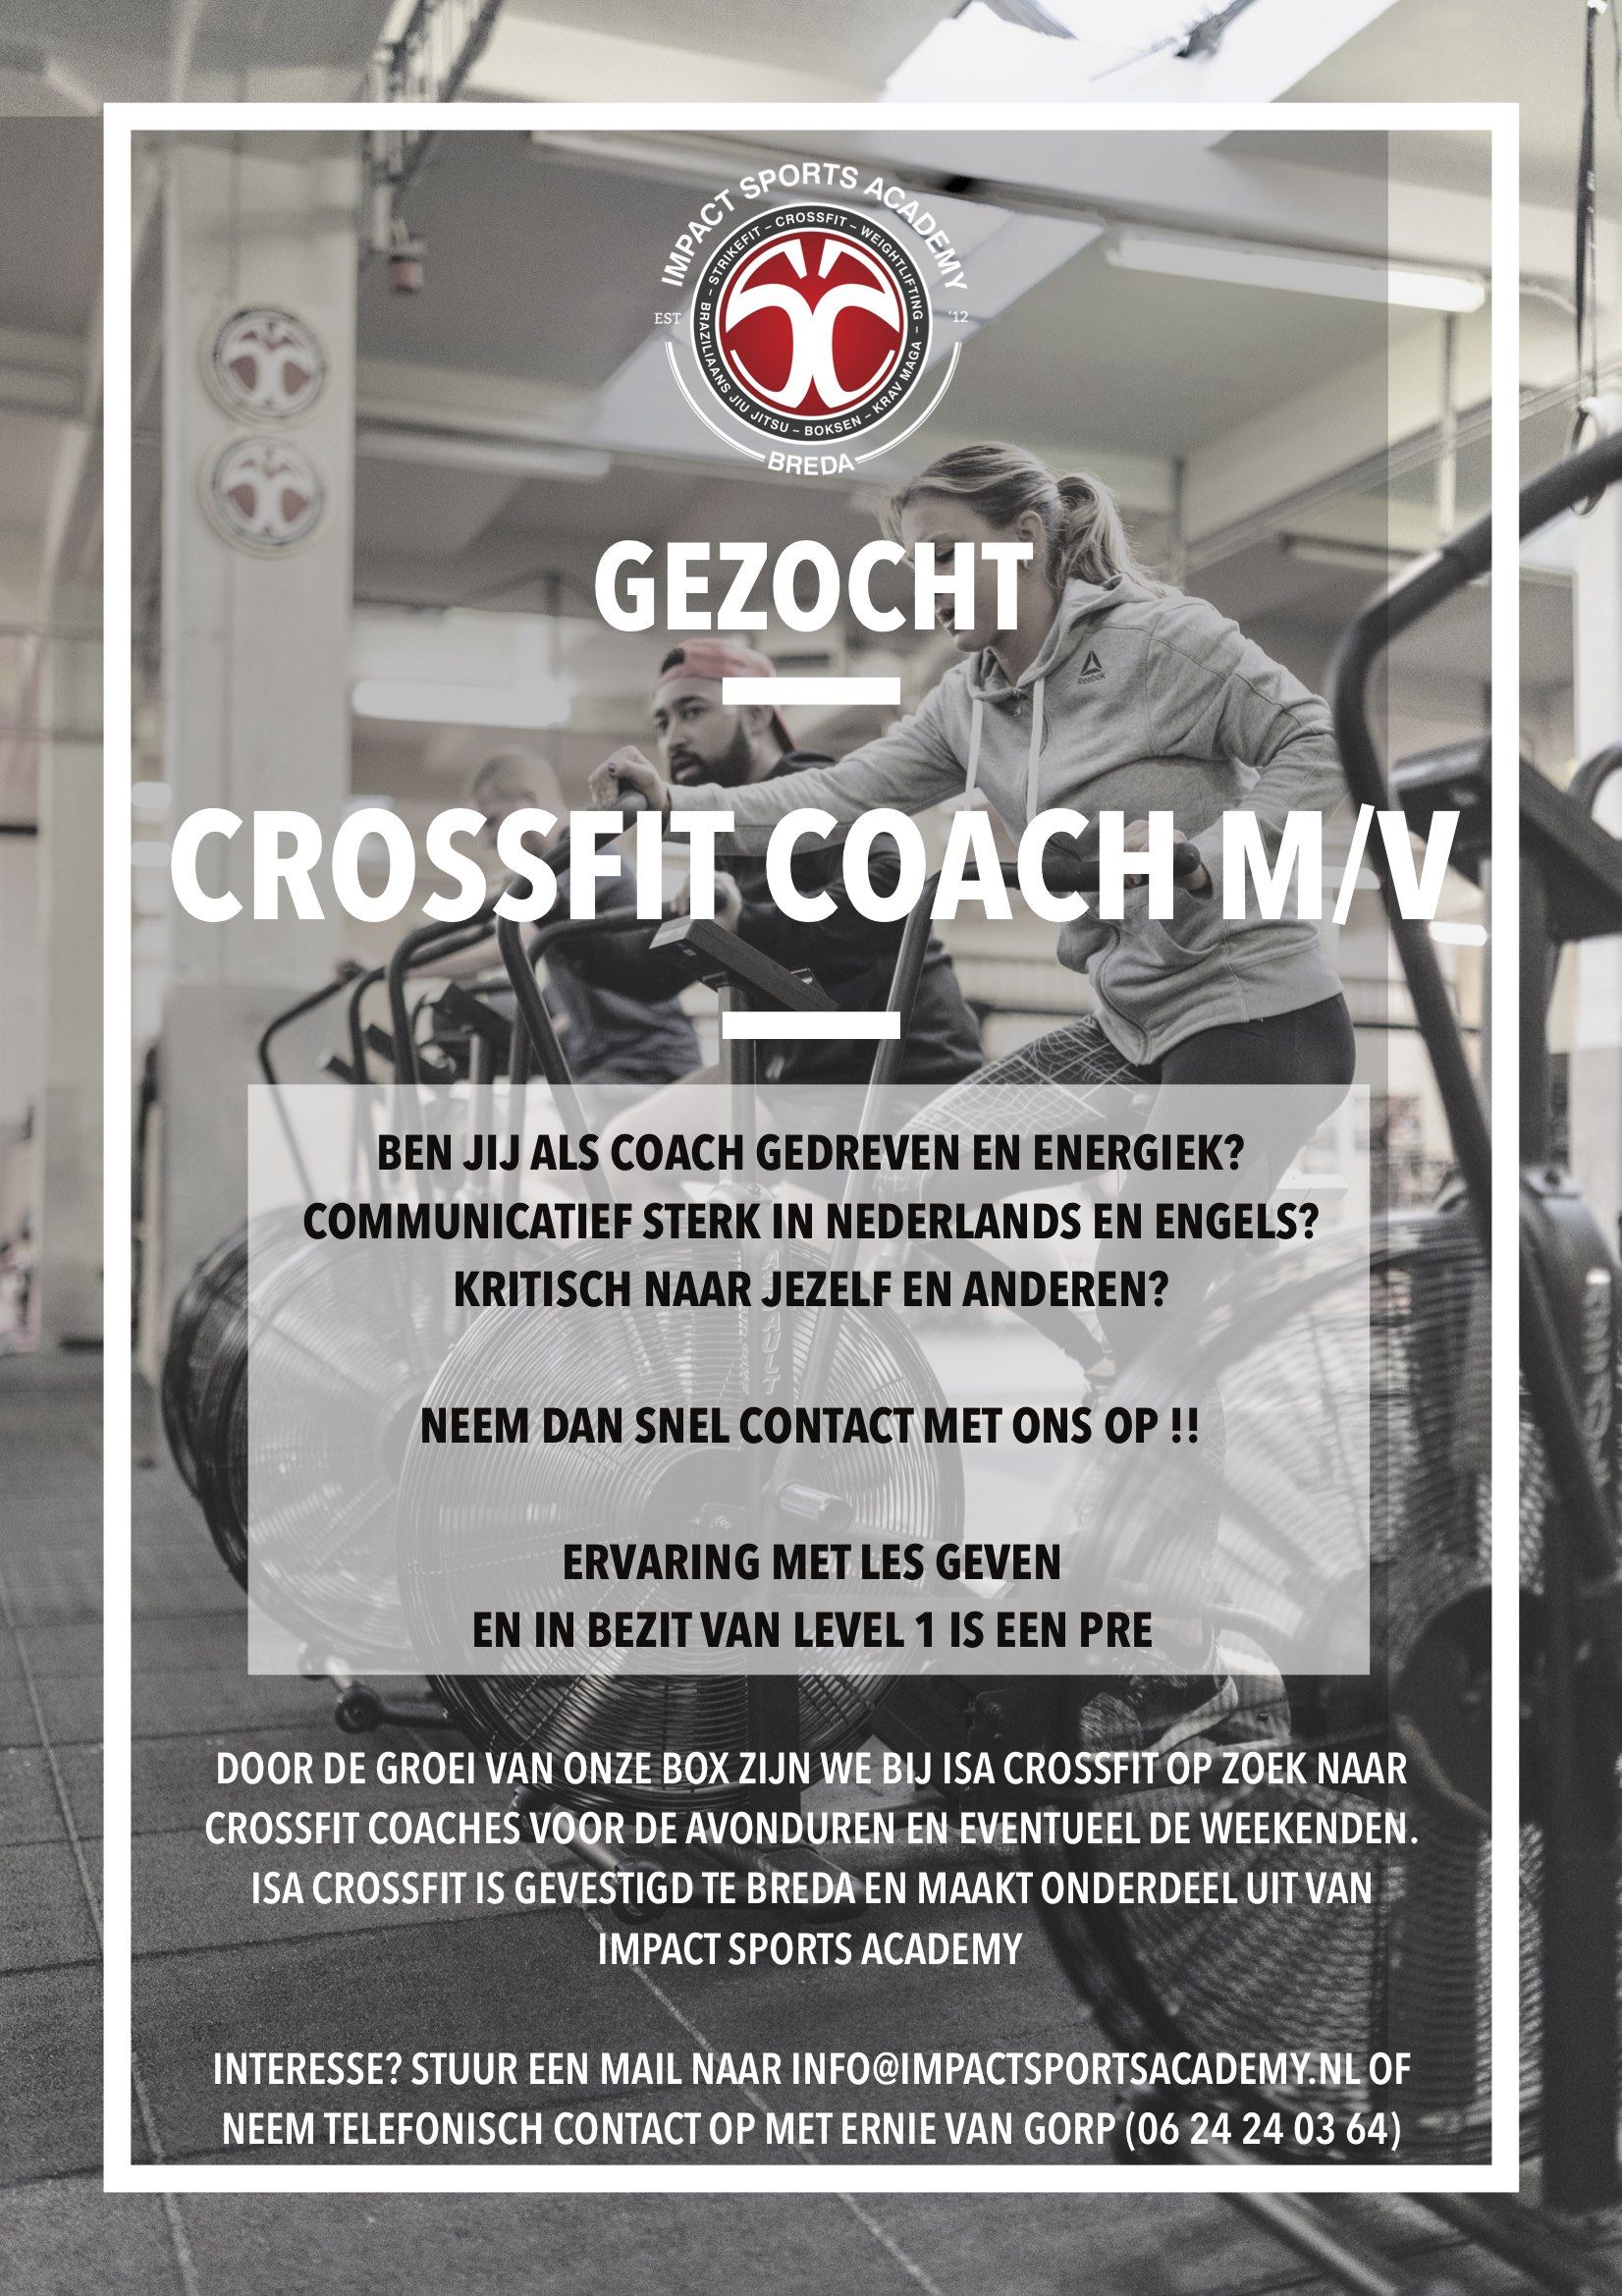 CrossFit coach gezocht bij ISA CrossFit te Breda onderdeel van Impact Sports Academy